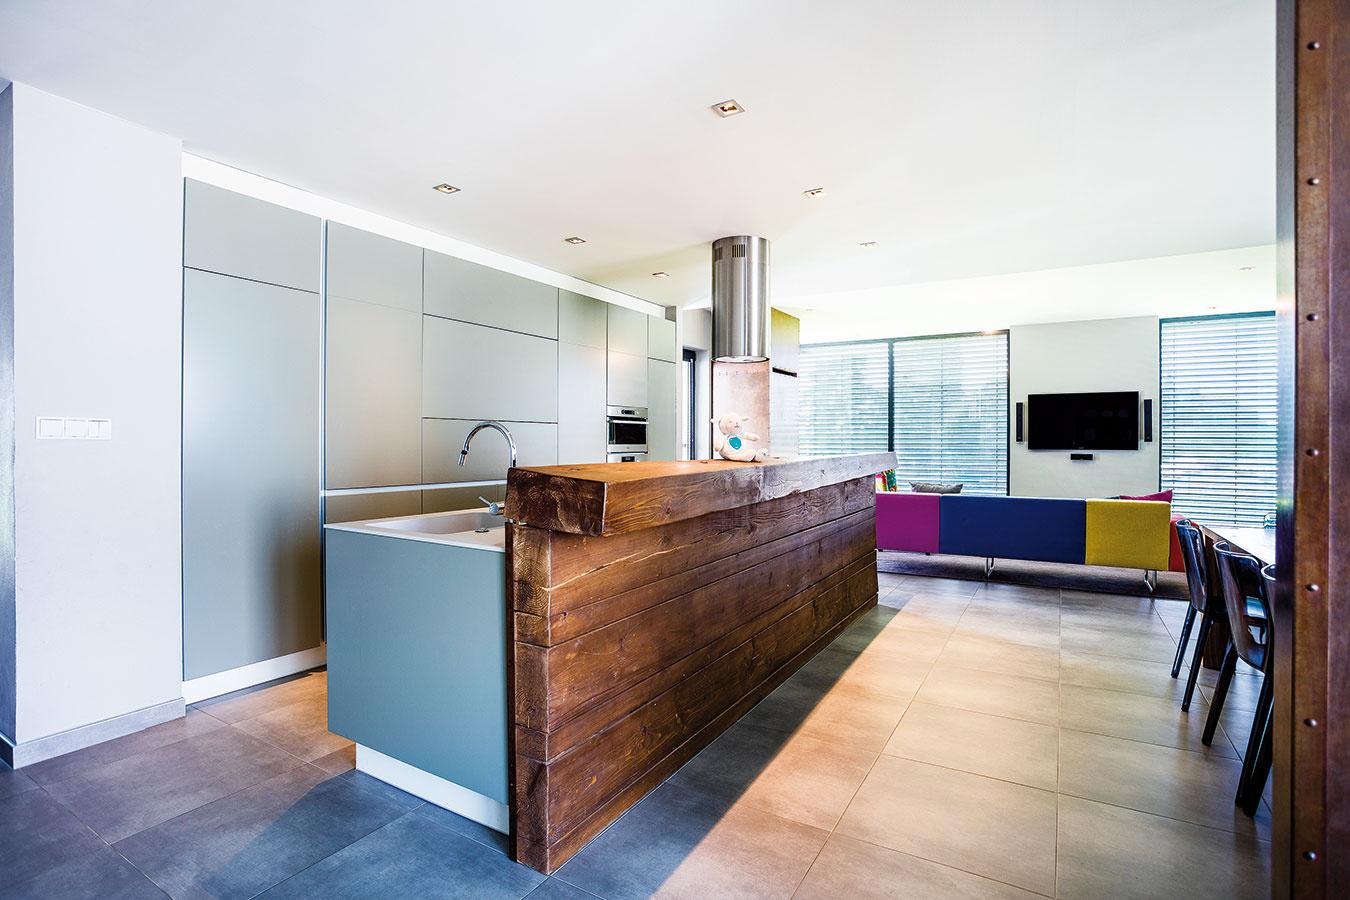 Požiadavkou majiteľov boli nízke nároky na údržbu domu. Toto ich prianie rieši množstvo nenápadných  a absolútne praktických úložných priestorov. Sivá kuchynská linka je napríklad navrhnutá tak, aby skryla všetky  nevyhnutné spotrebiče.